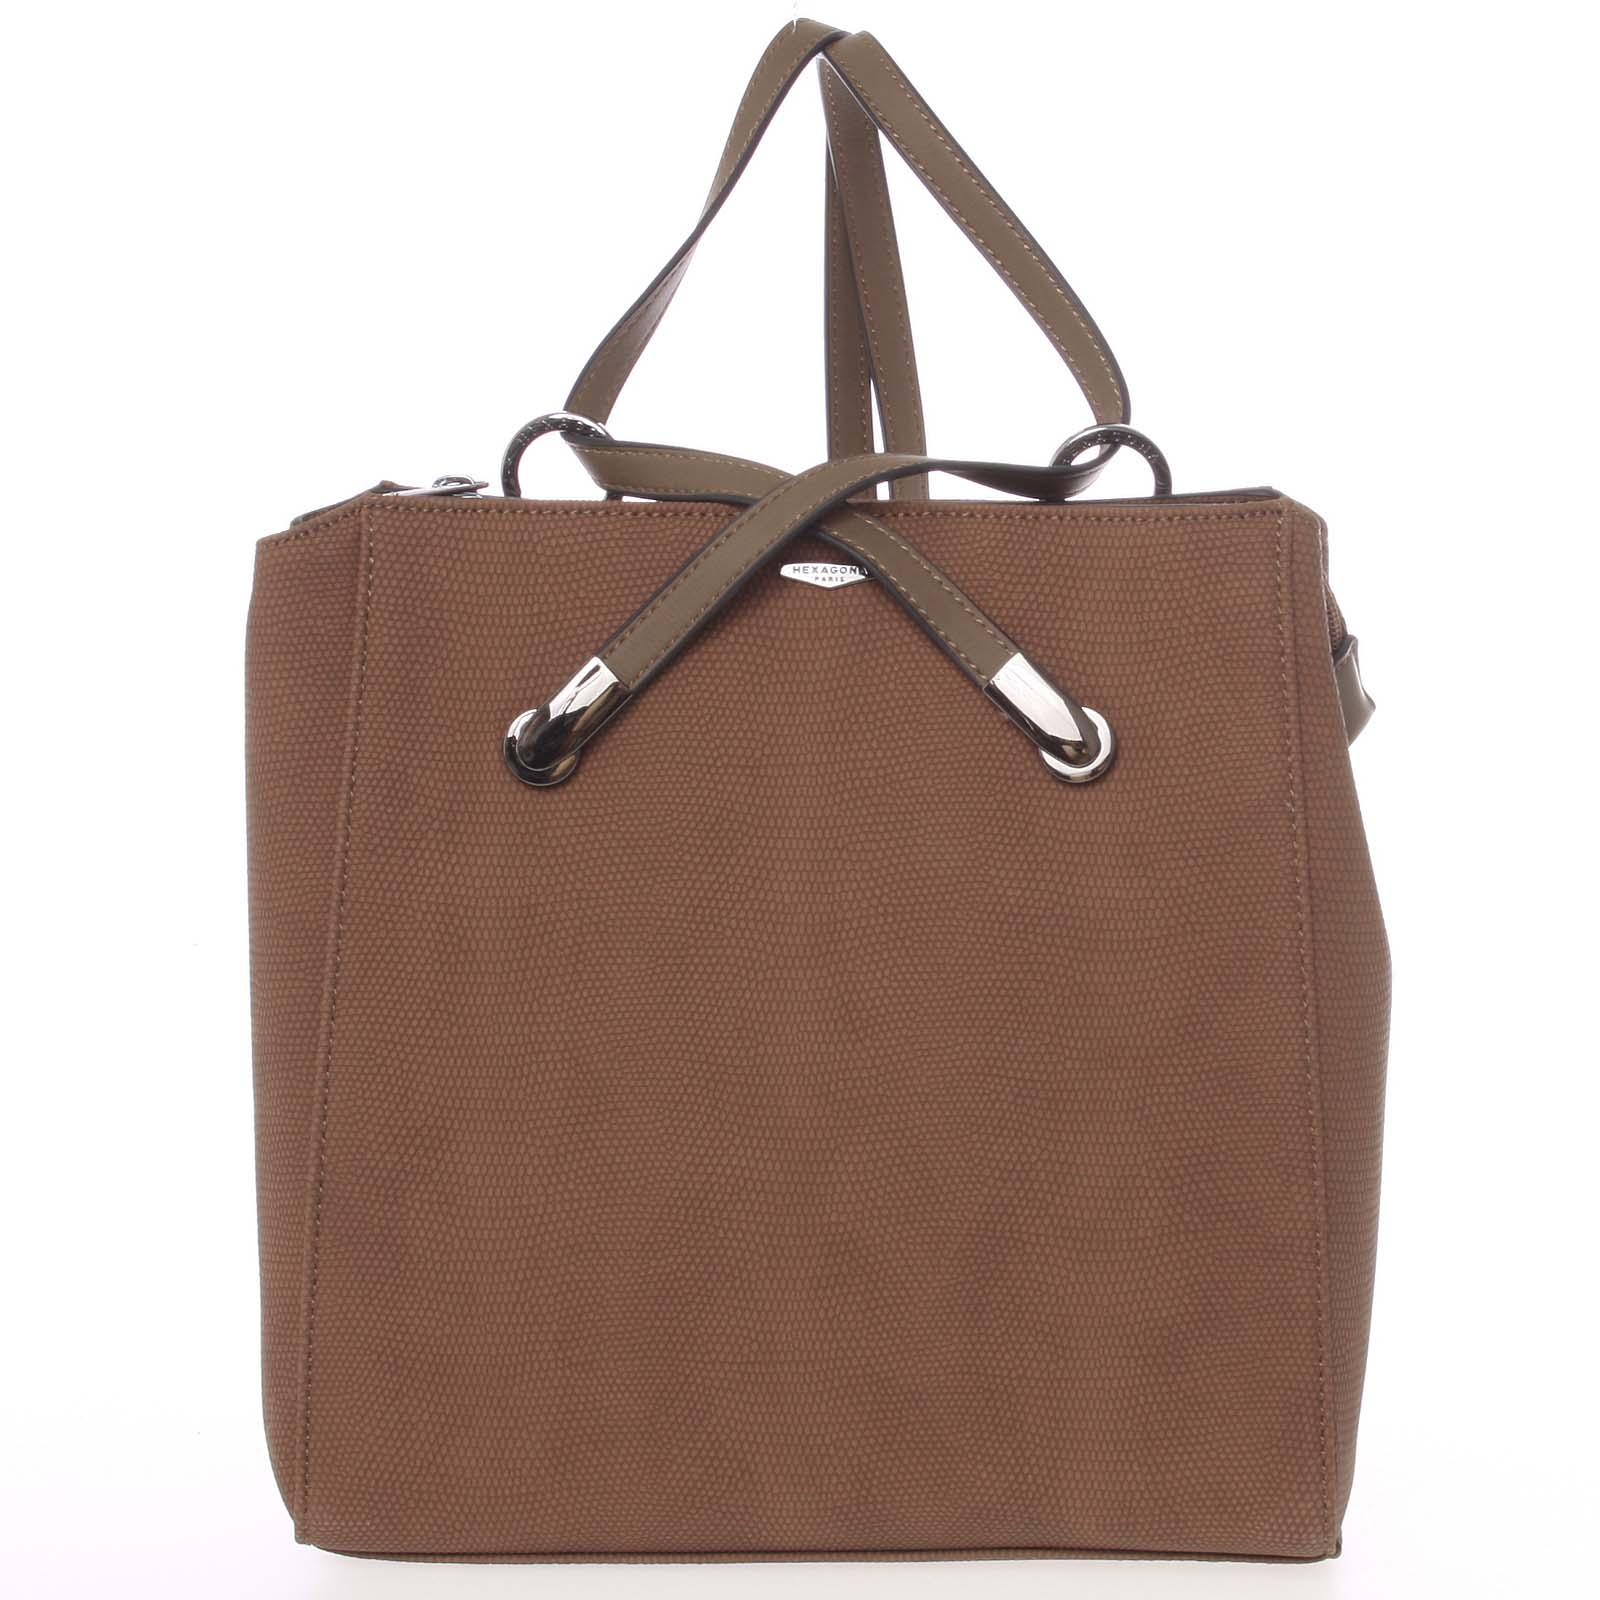 Elegantní strukturovaný hnědý batůžek/kabelka - Hexagona Bure